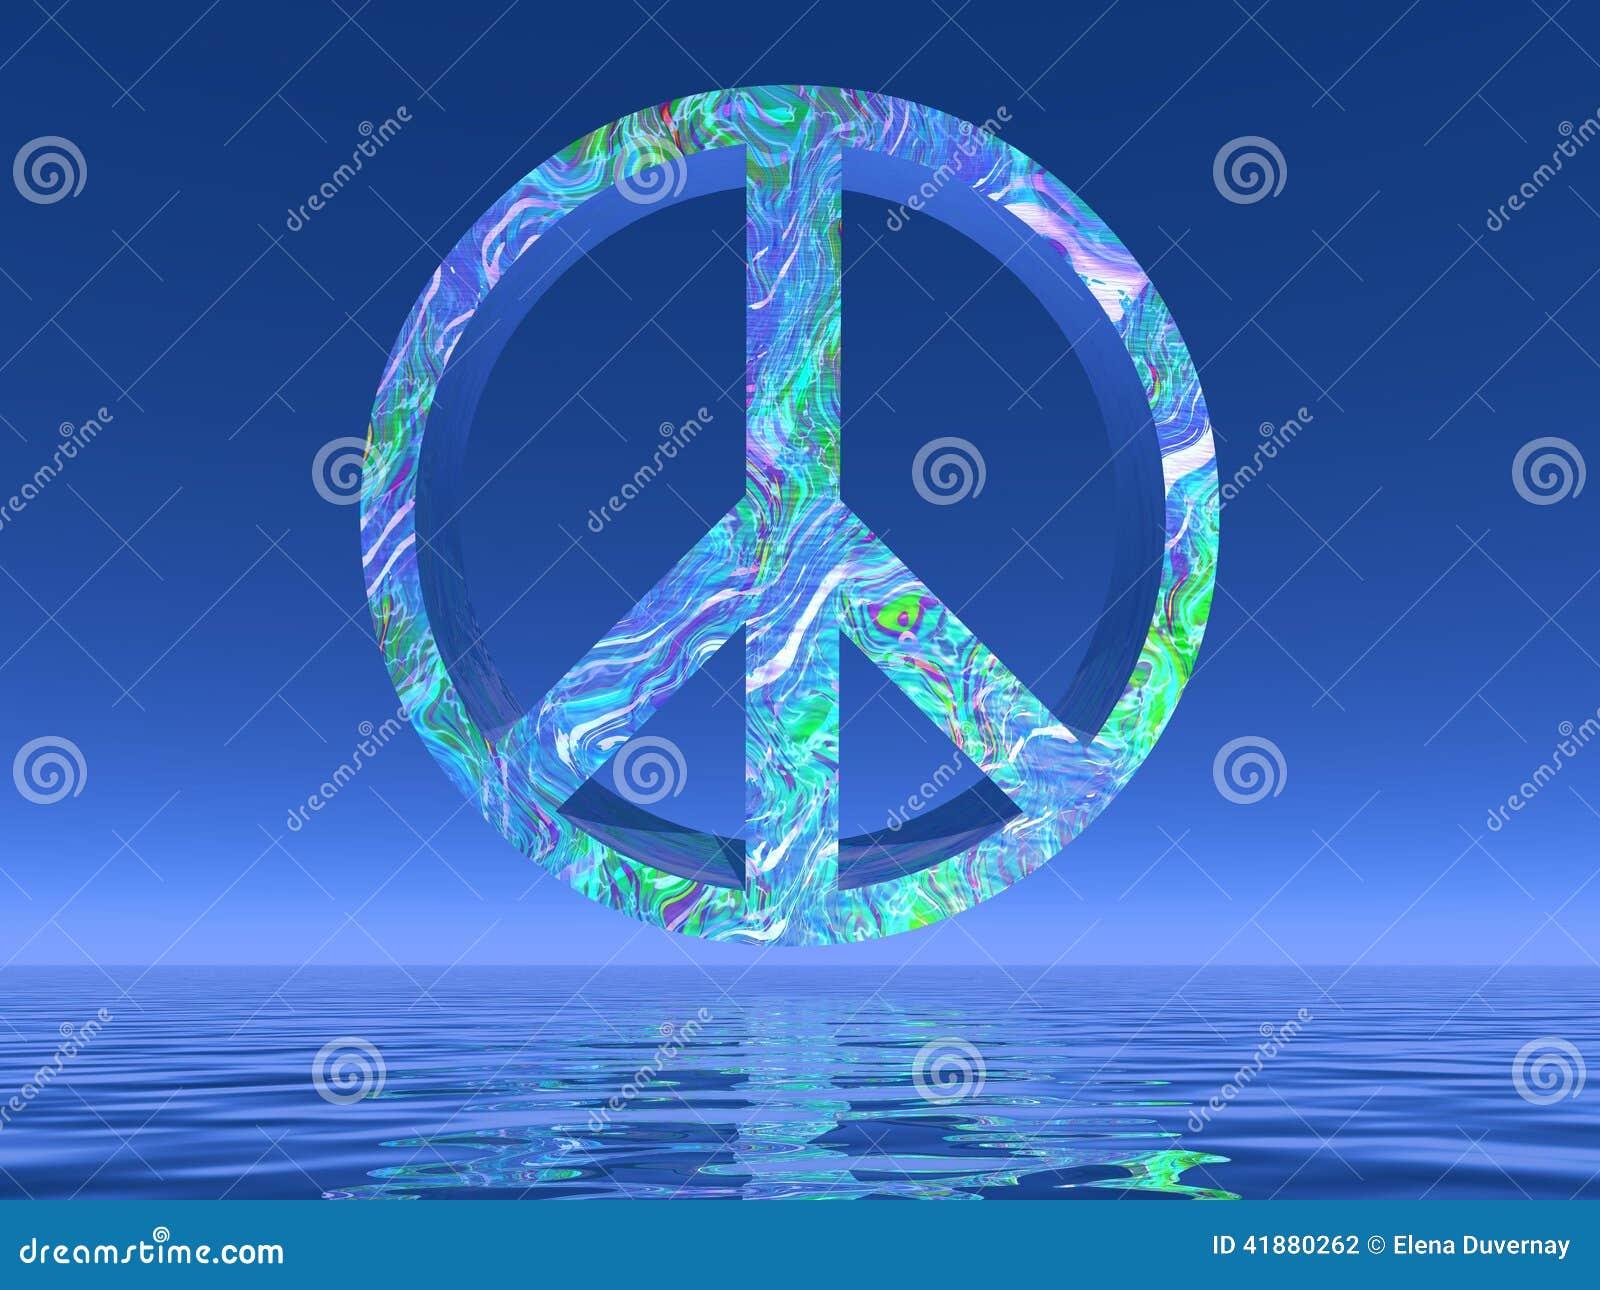 [Image: peace-symbol-d-render-big-colorful-ocean...880262.jpg]